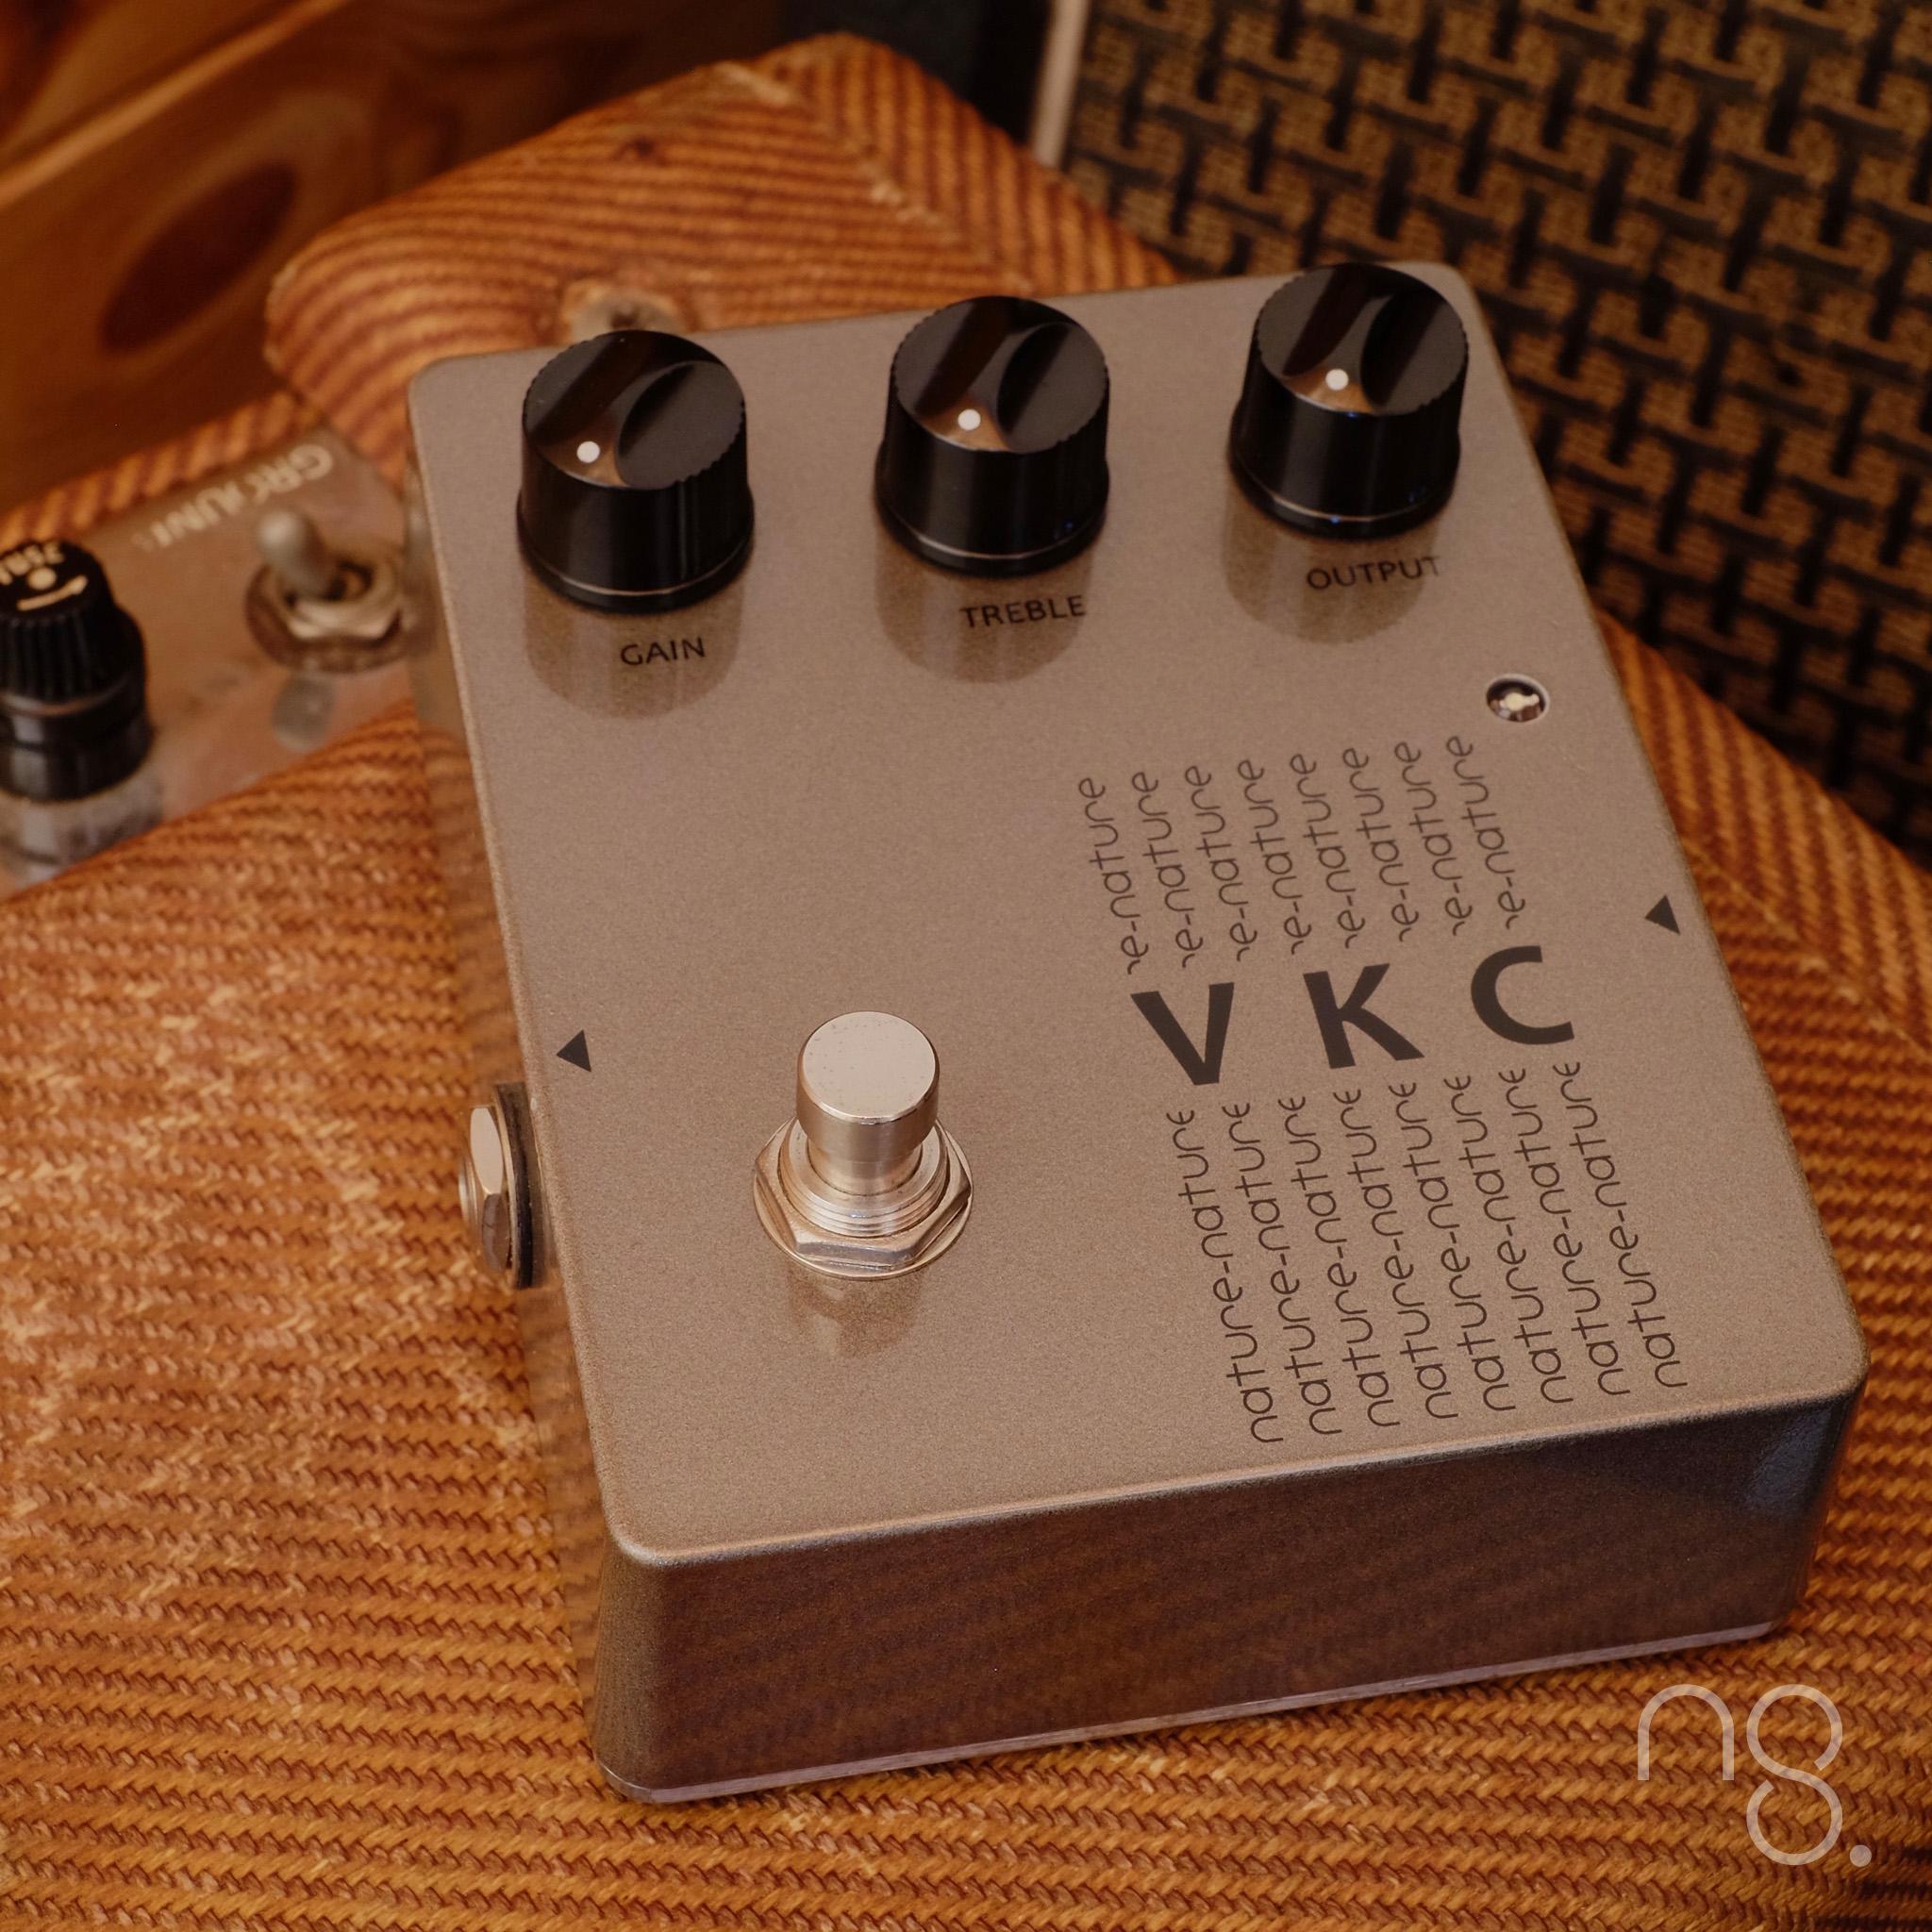 VKC185